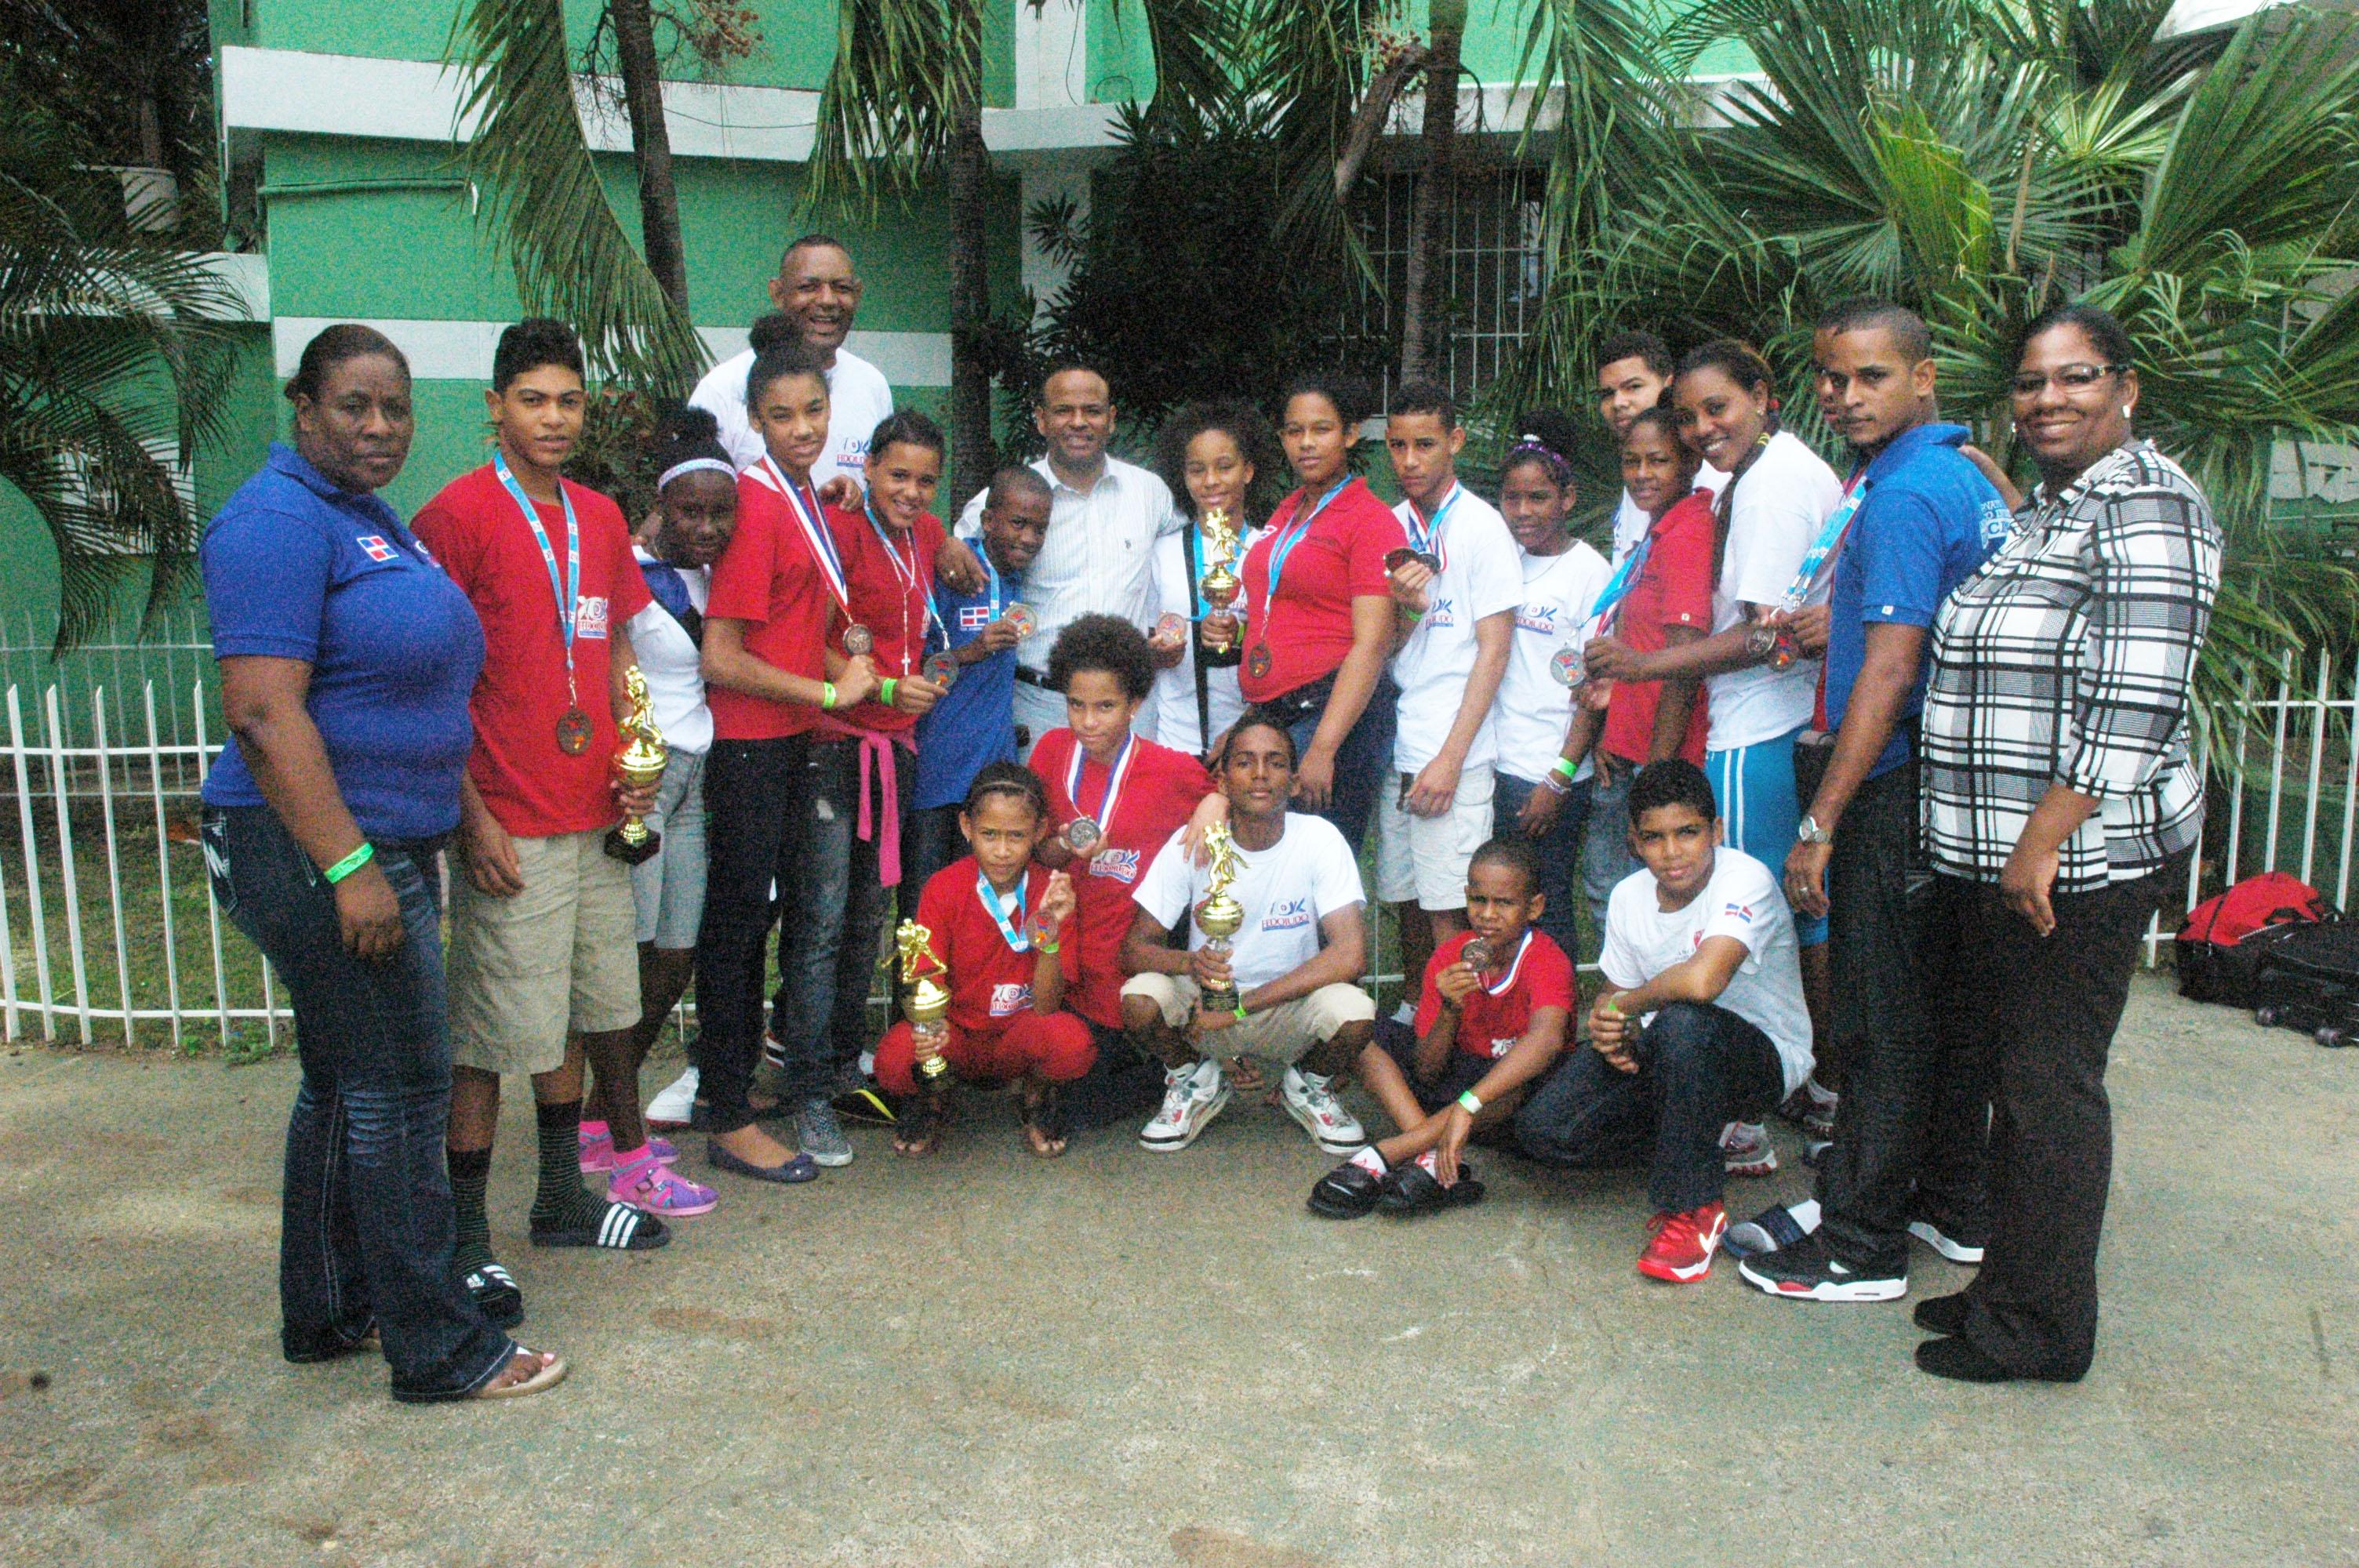 Judocas infantiles ganan 14 medallas Panam Puerto Rico